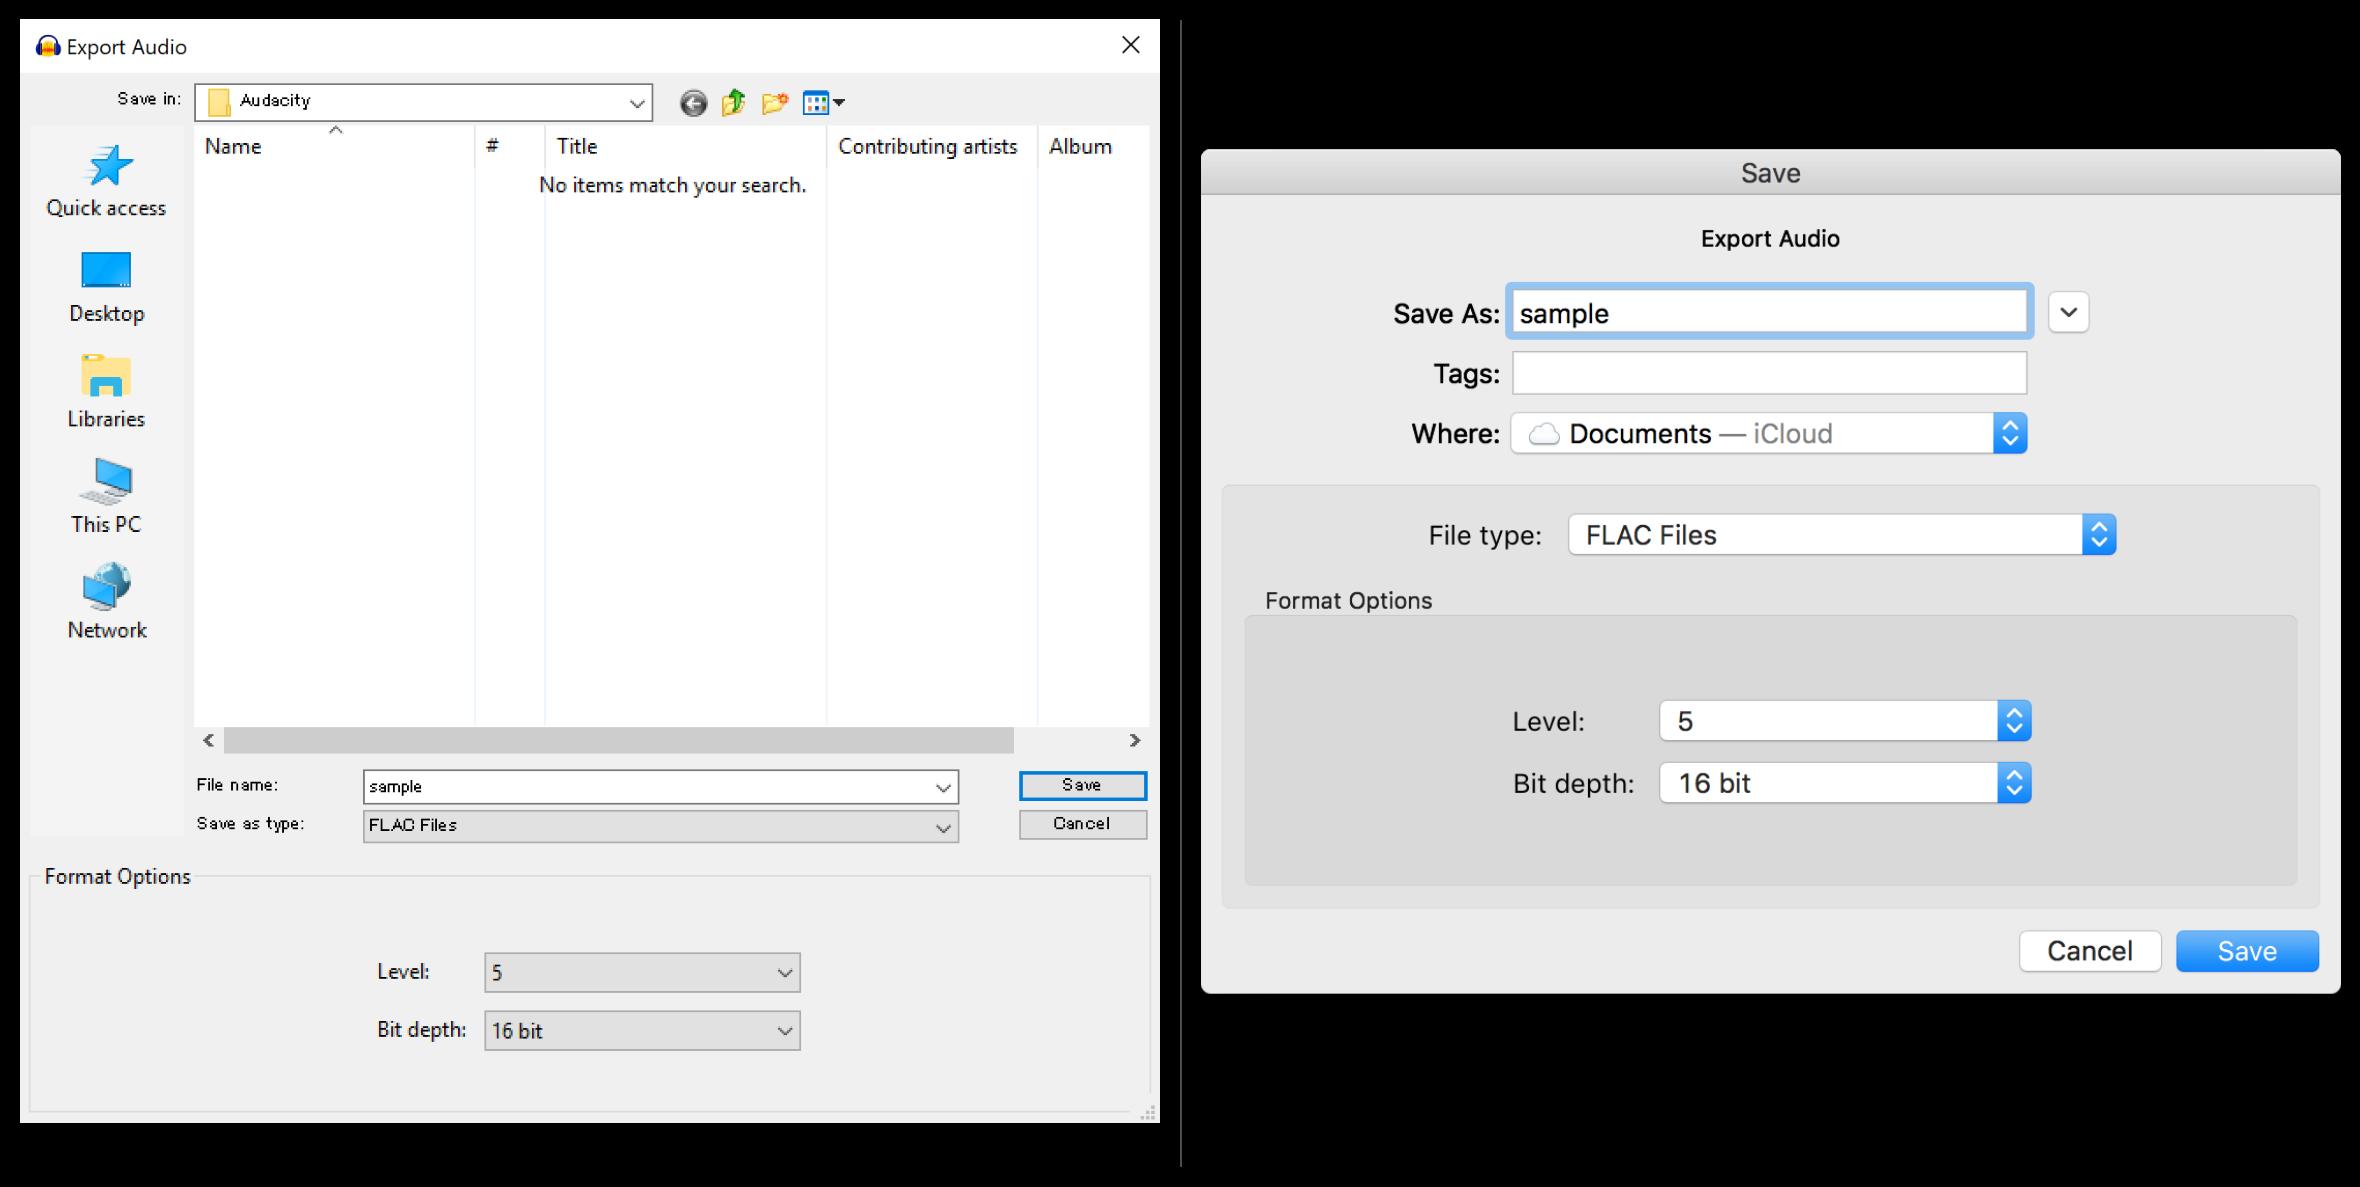 Audacity Export Audio window